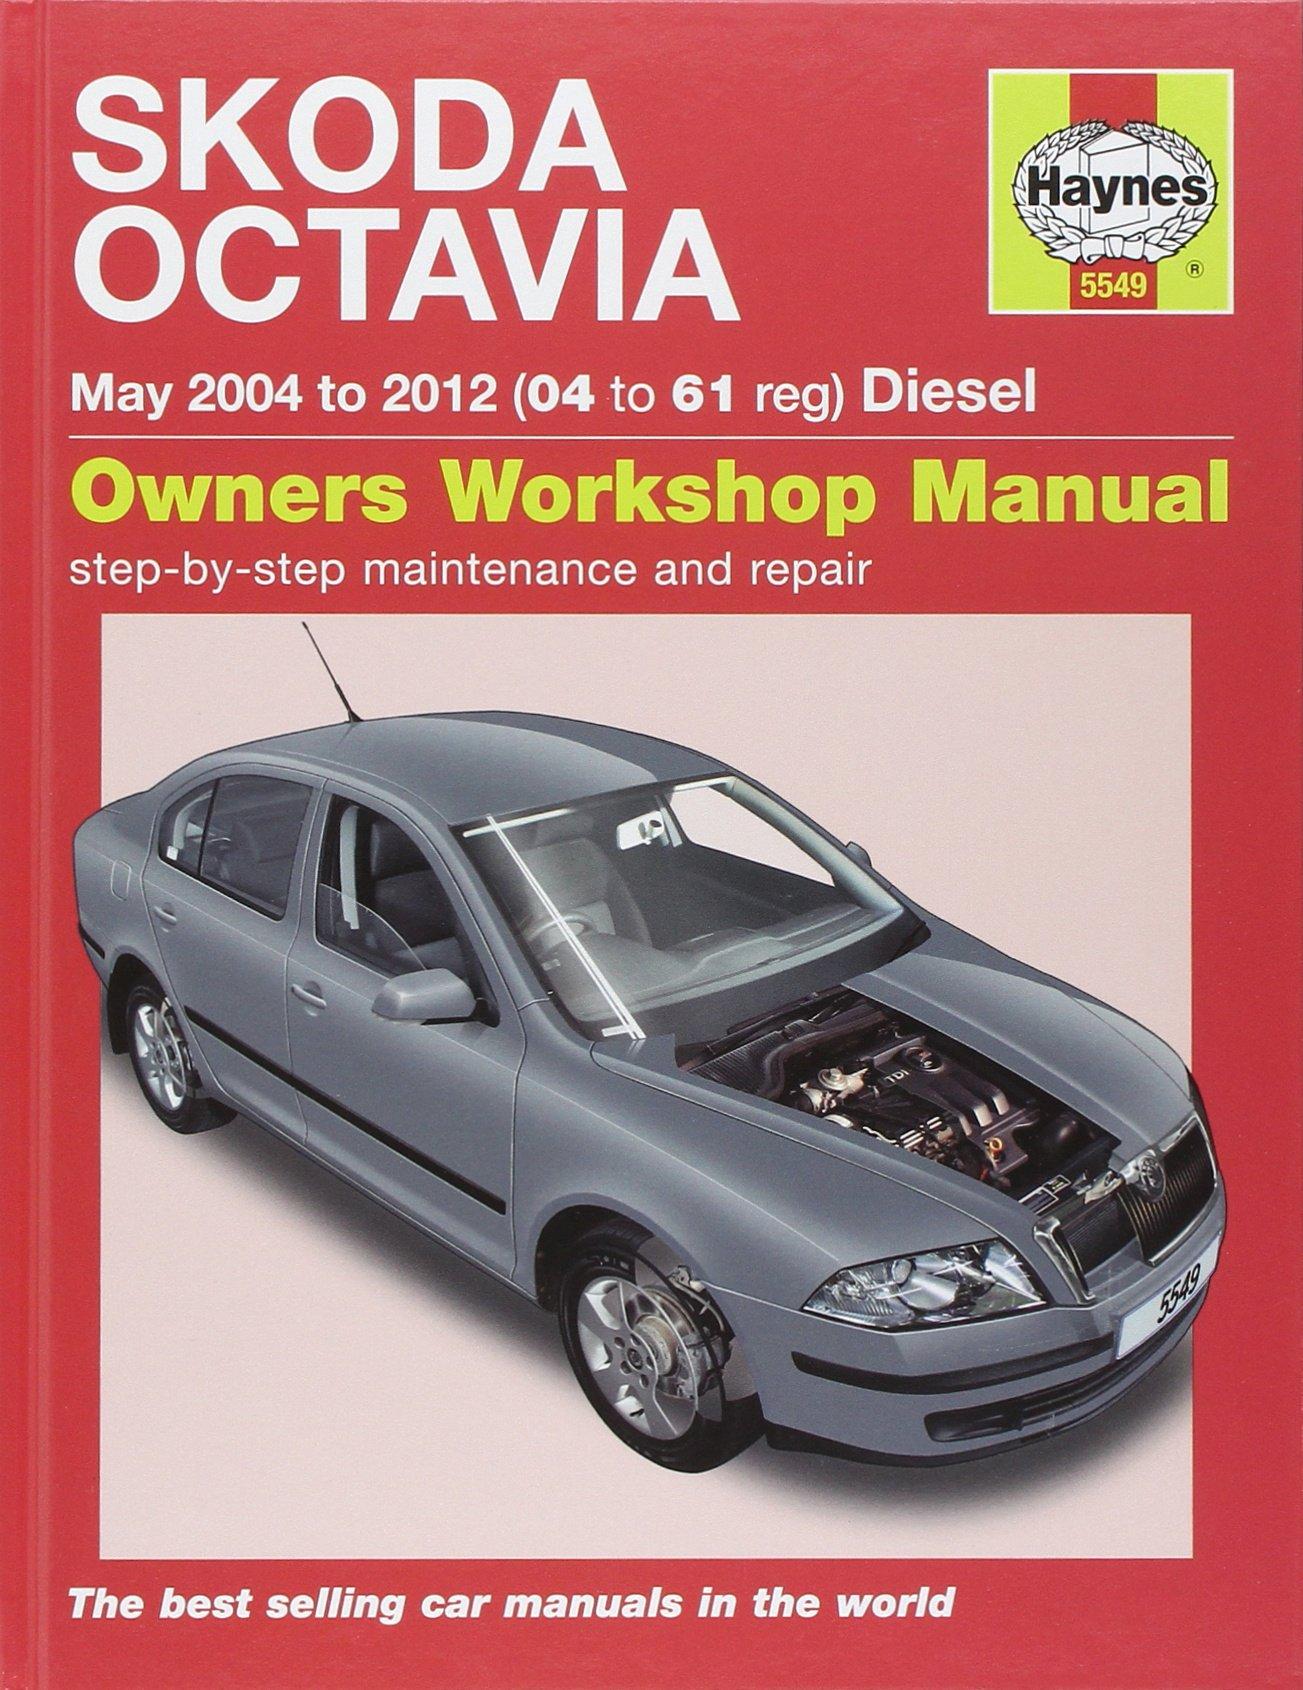 Skoda Octavia Diesel Service & Repair Manual, 2004-2012 (Haynes Service and  Repair Manuals): Chris Randall: 9780857335494: Amazon.com: Books